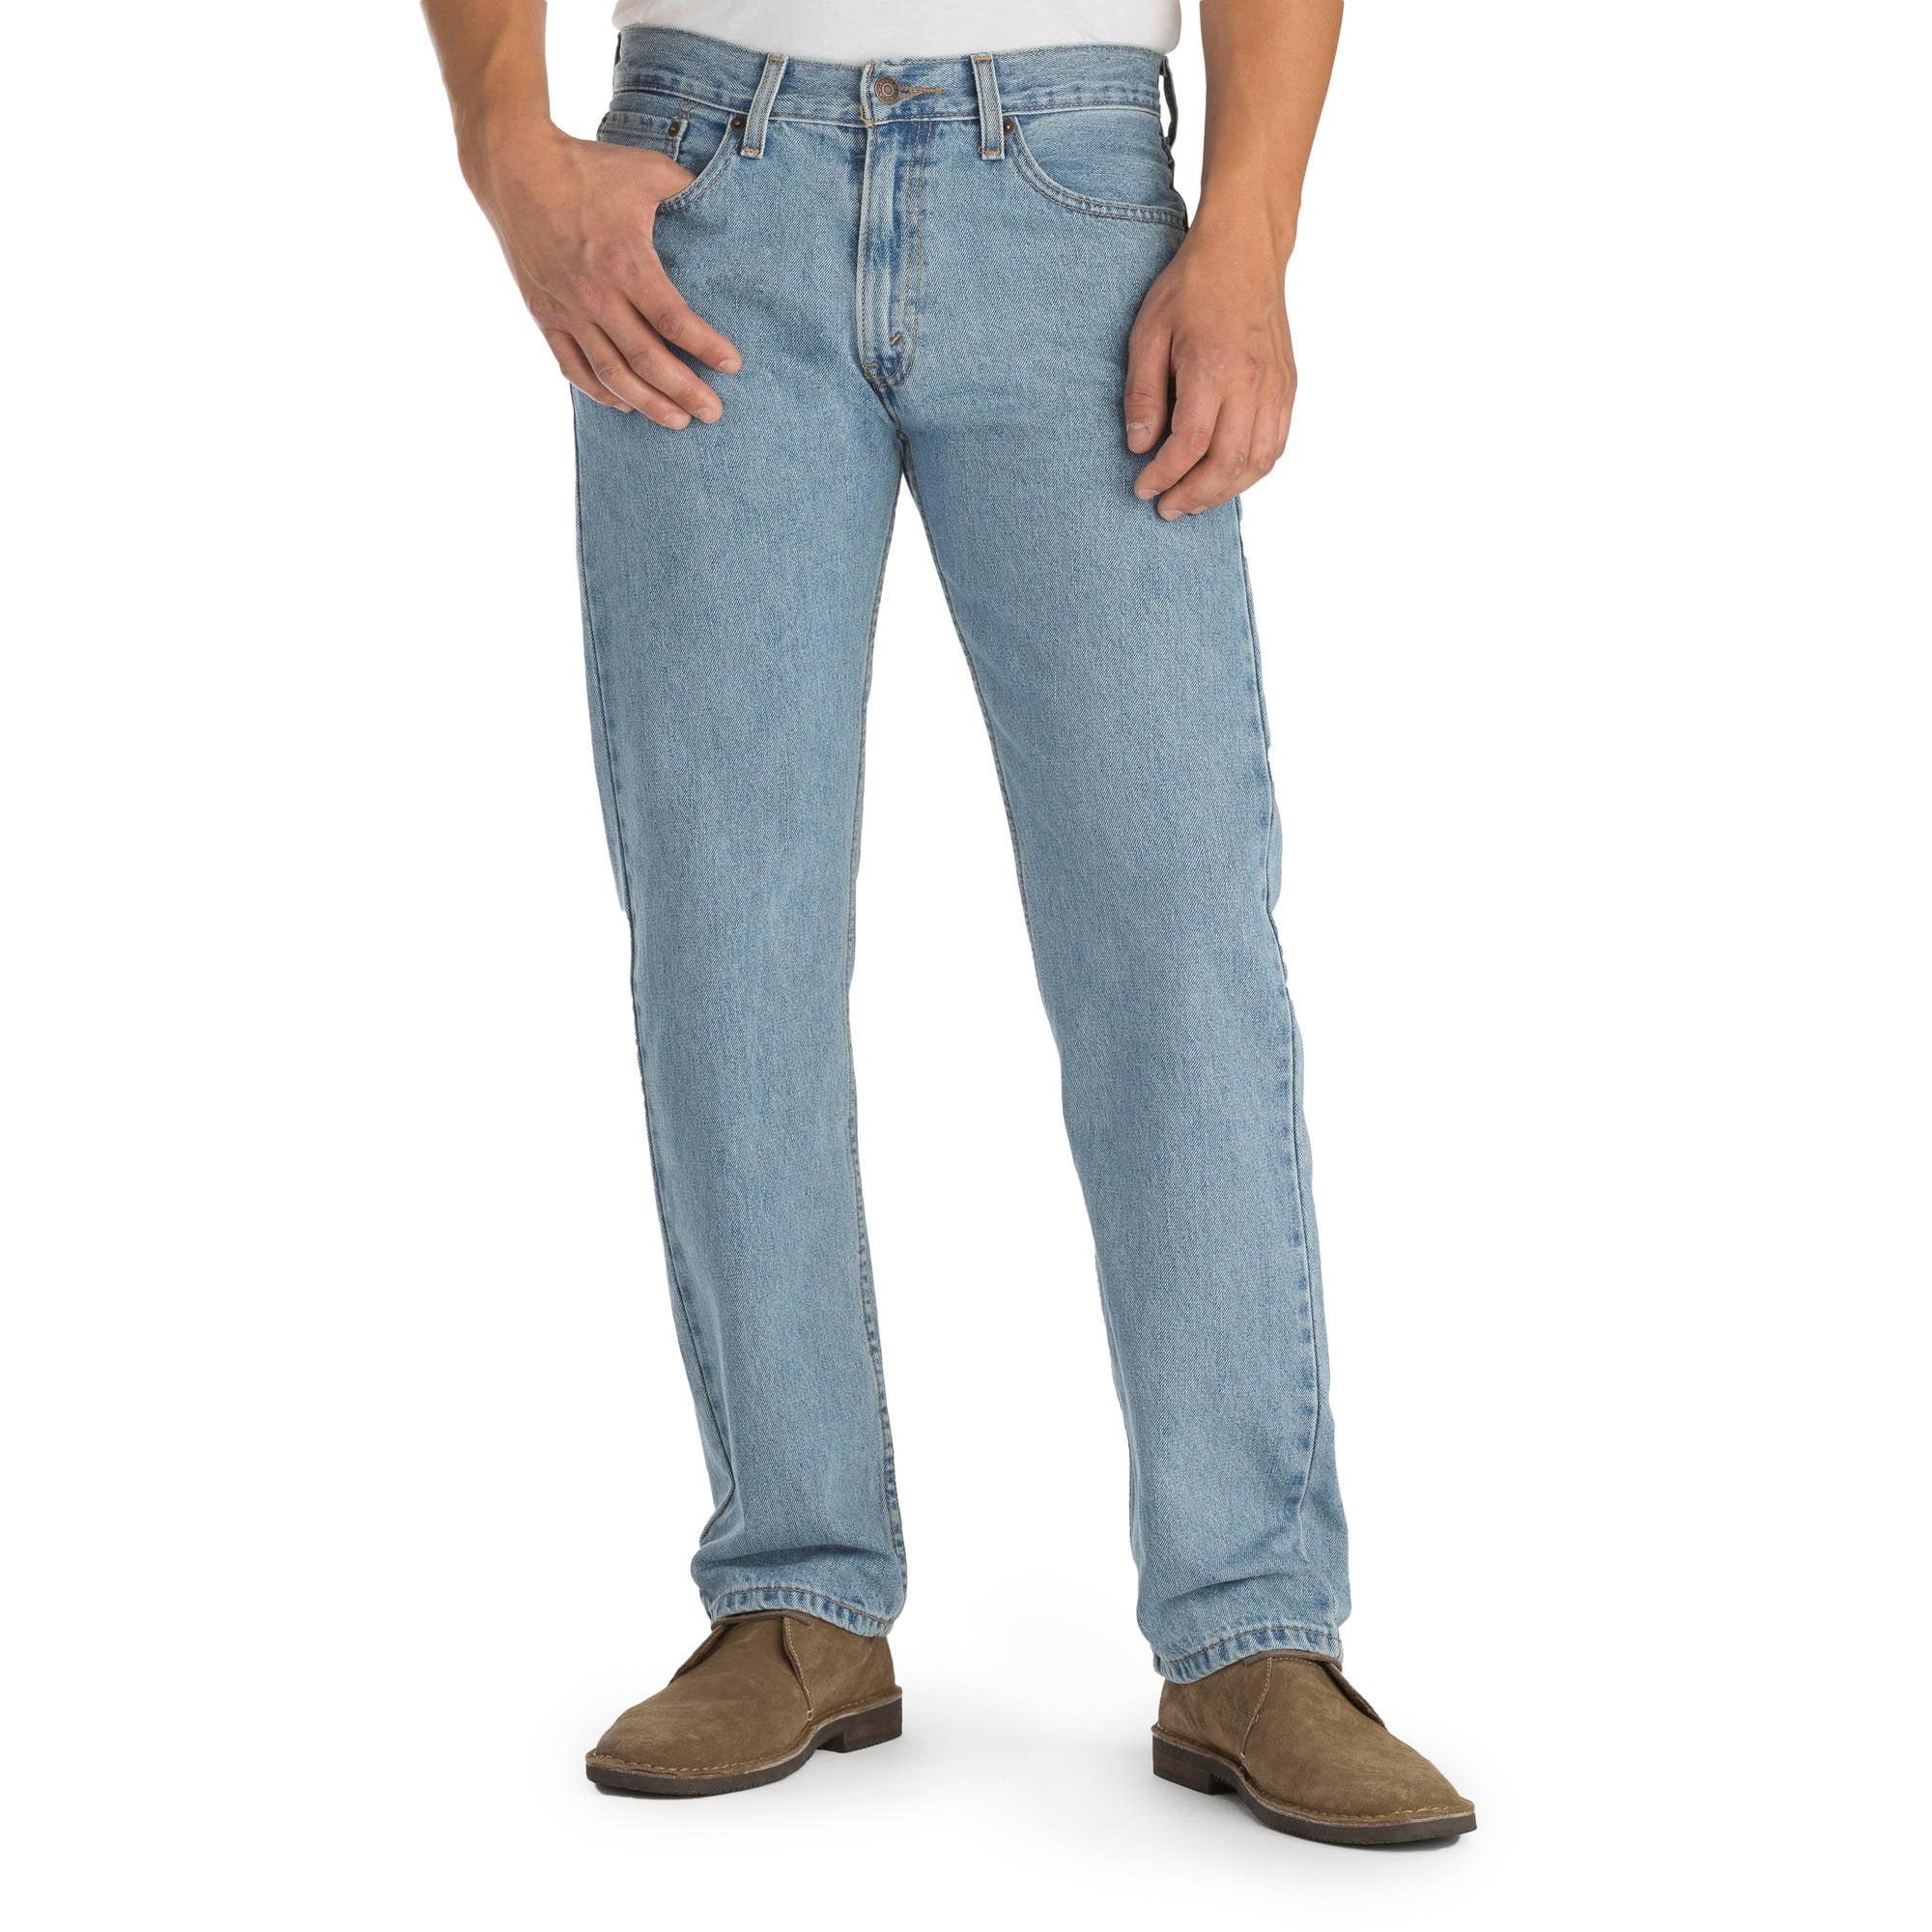 La Vela Pee Sus Pantalones Y Los Pantalones Vaqueros